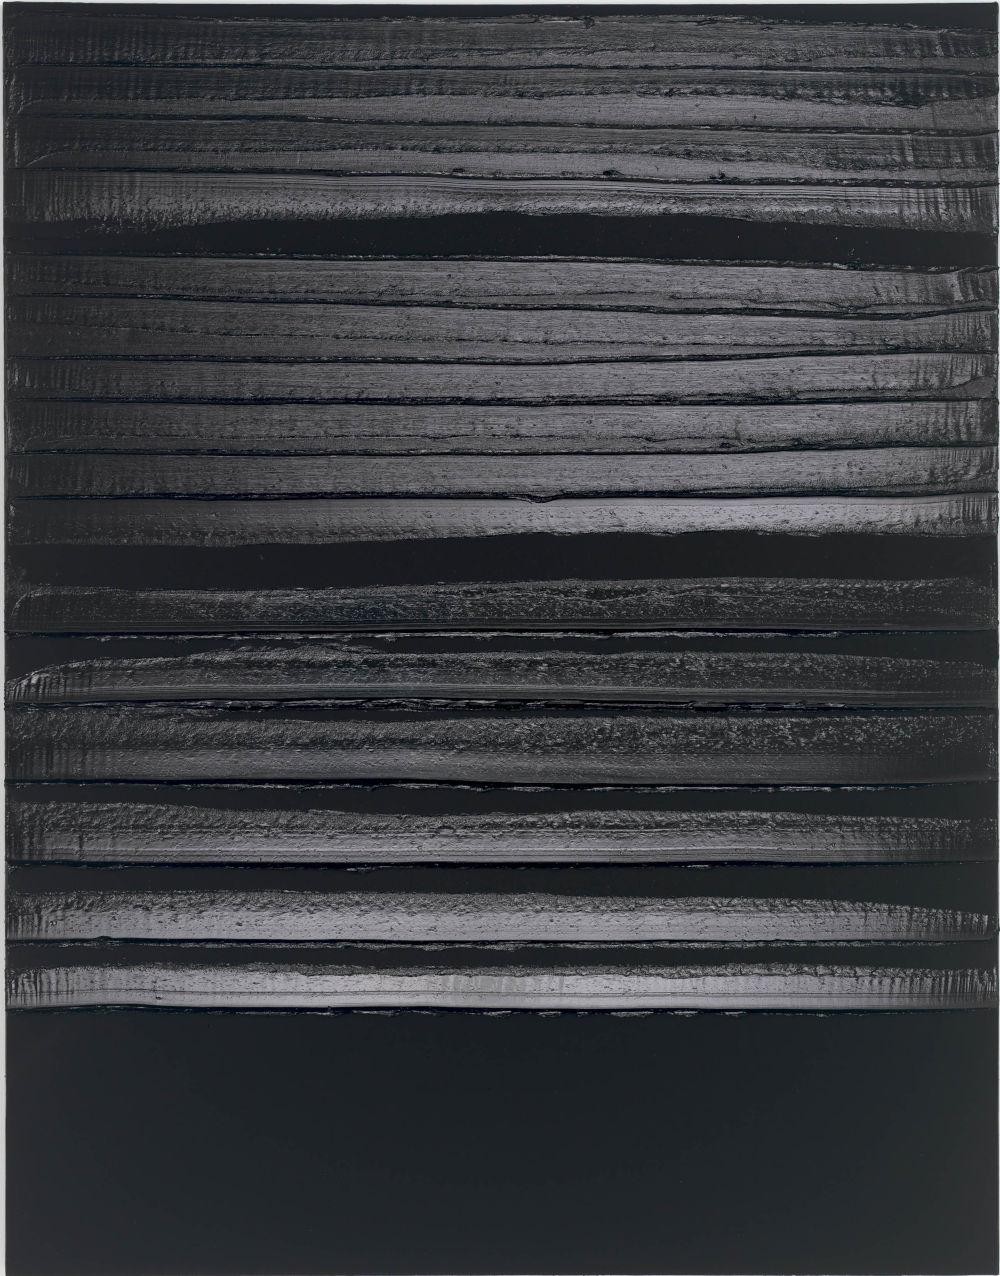 Peinture 181 x 142 cm, 3 mai 2019